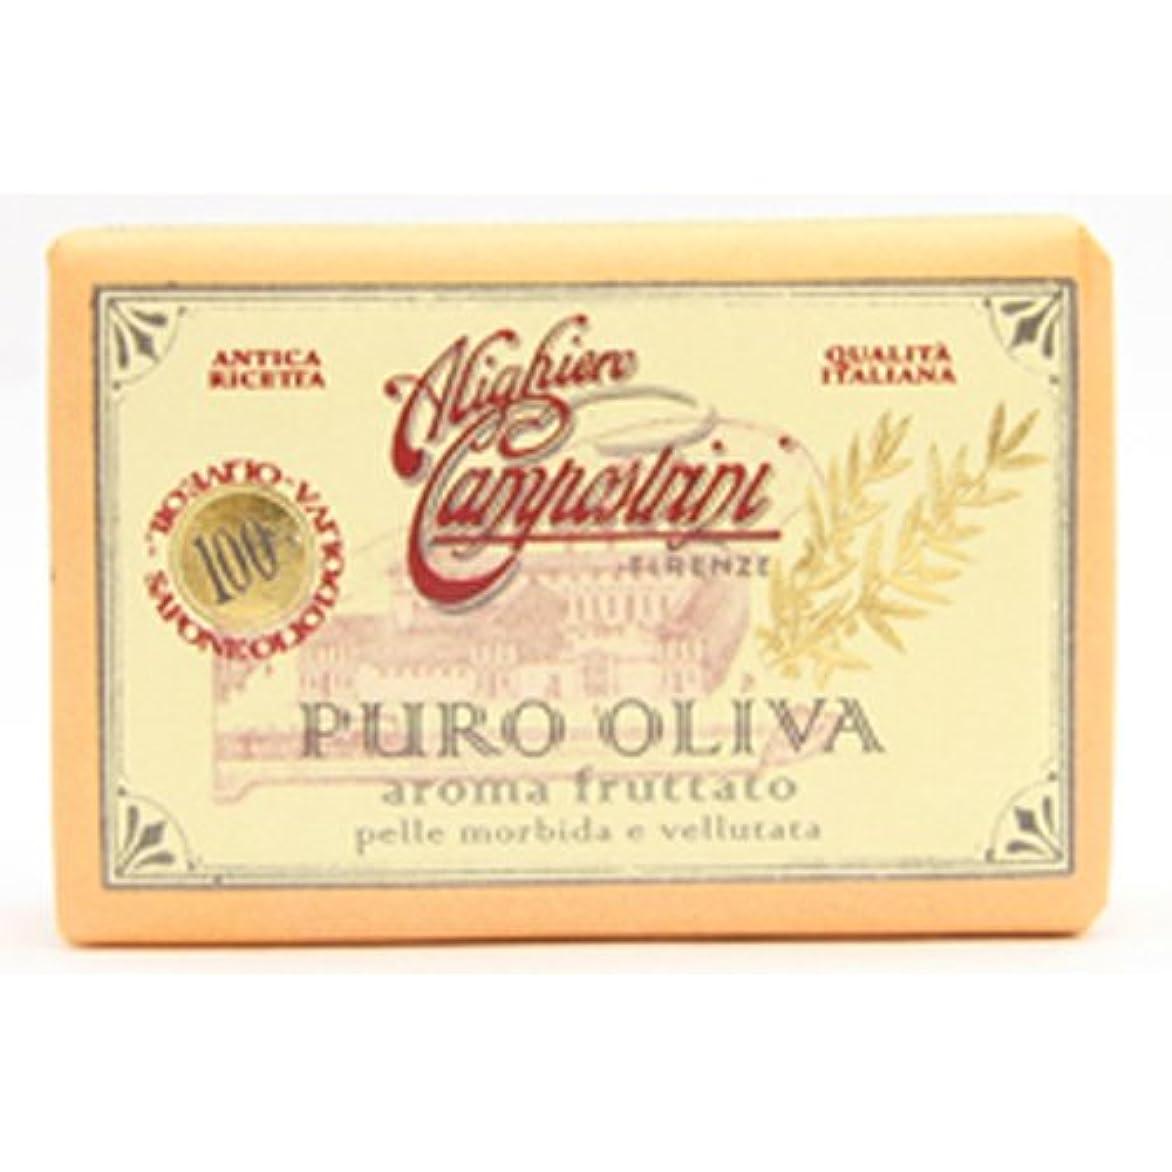 住所非行注ぎますSaponerire Fissi サポネリーフィッシー PURO OLIVA Soap オリーブオイル ピュロ ソープ Aroma fruttato フルーツ(オレンジ)